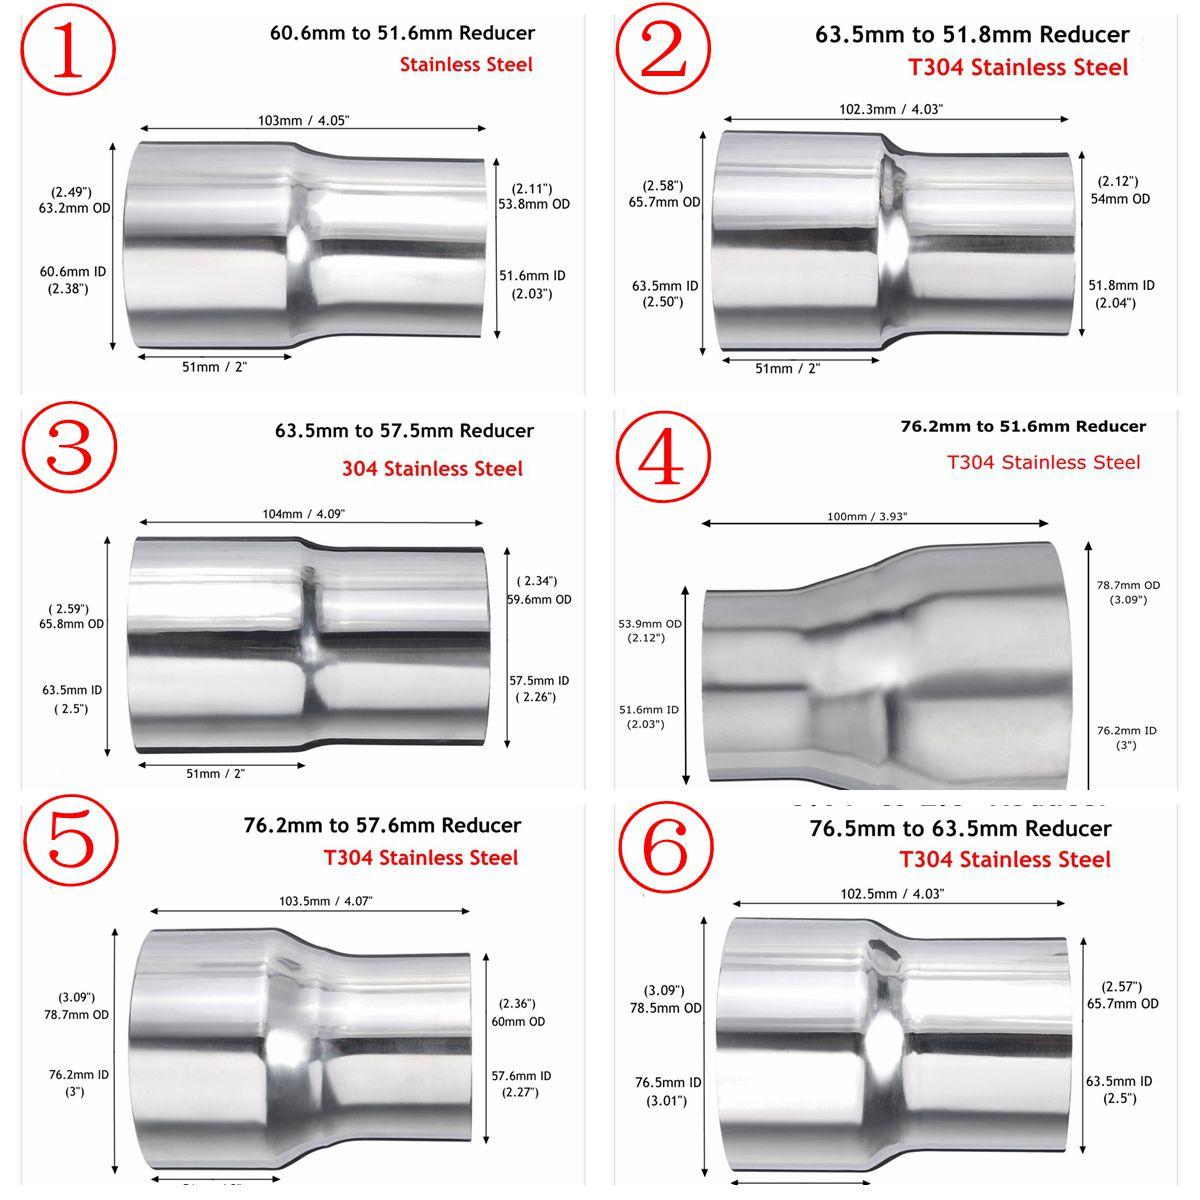 العالمي سيارة الفولاذ المقاوم للصدأ القياسية العادم المخفض موصل الأنابيب أنبوب 76 مللي متر 63 مللي متر 60 مللي متر إلى 63 مللي متر 57 مللي متر 52 مل...